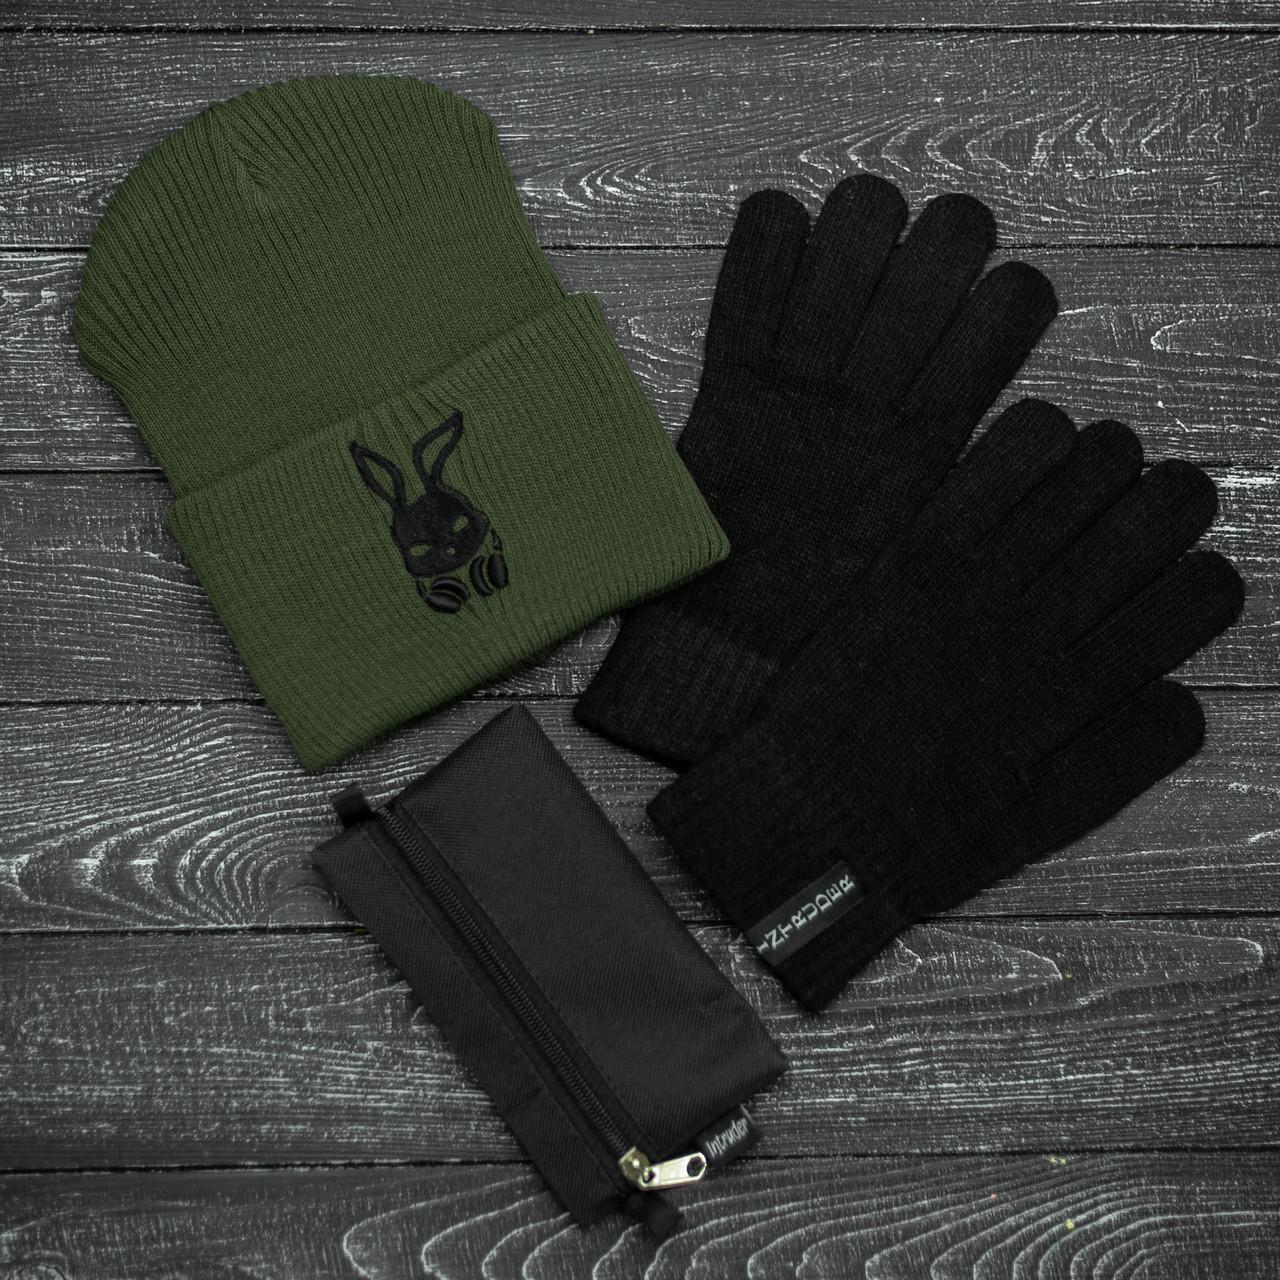 Шапка Мужская/ Женская Intruder зимняя bunny logo хаки и перчатки черные, зимний комплект